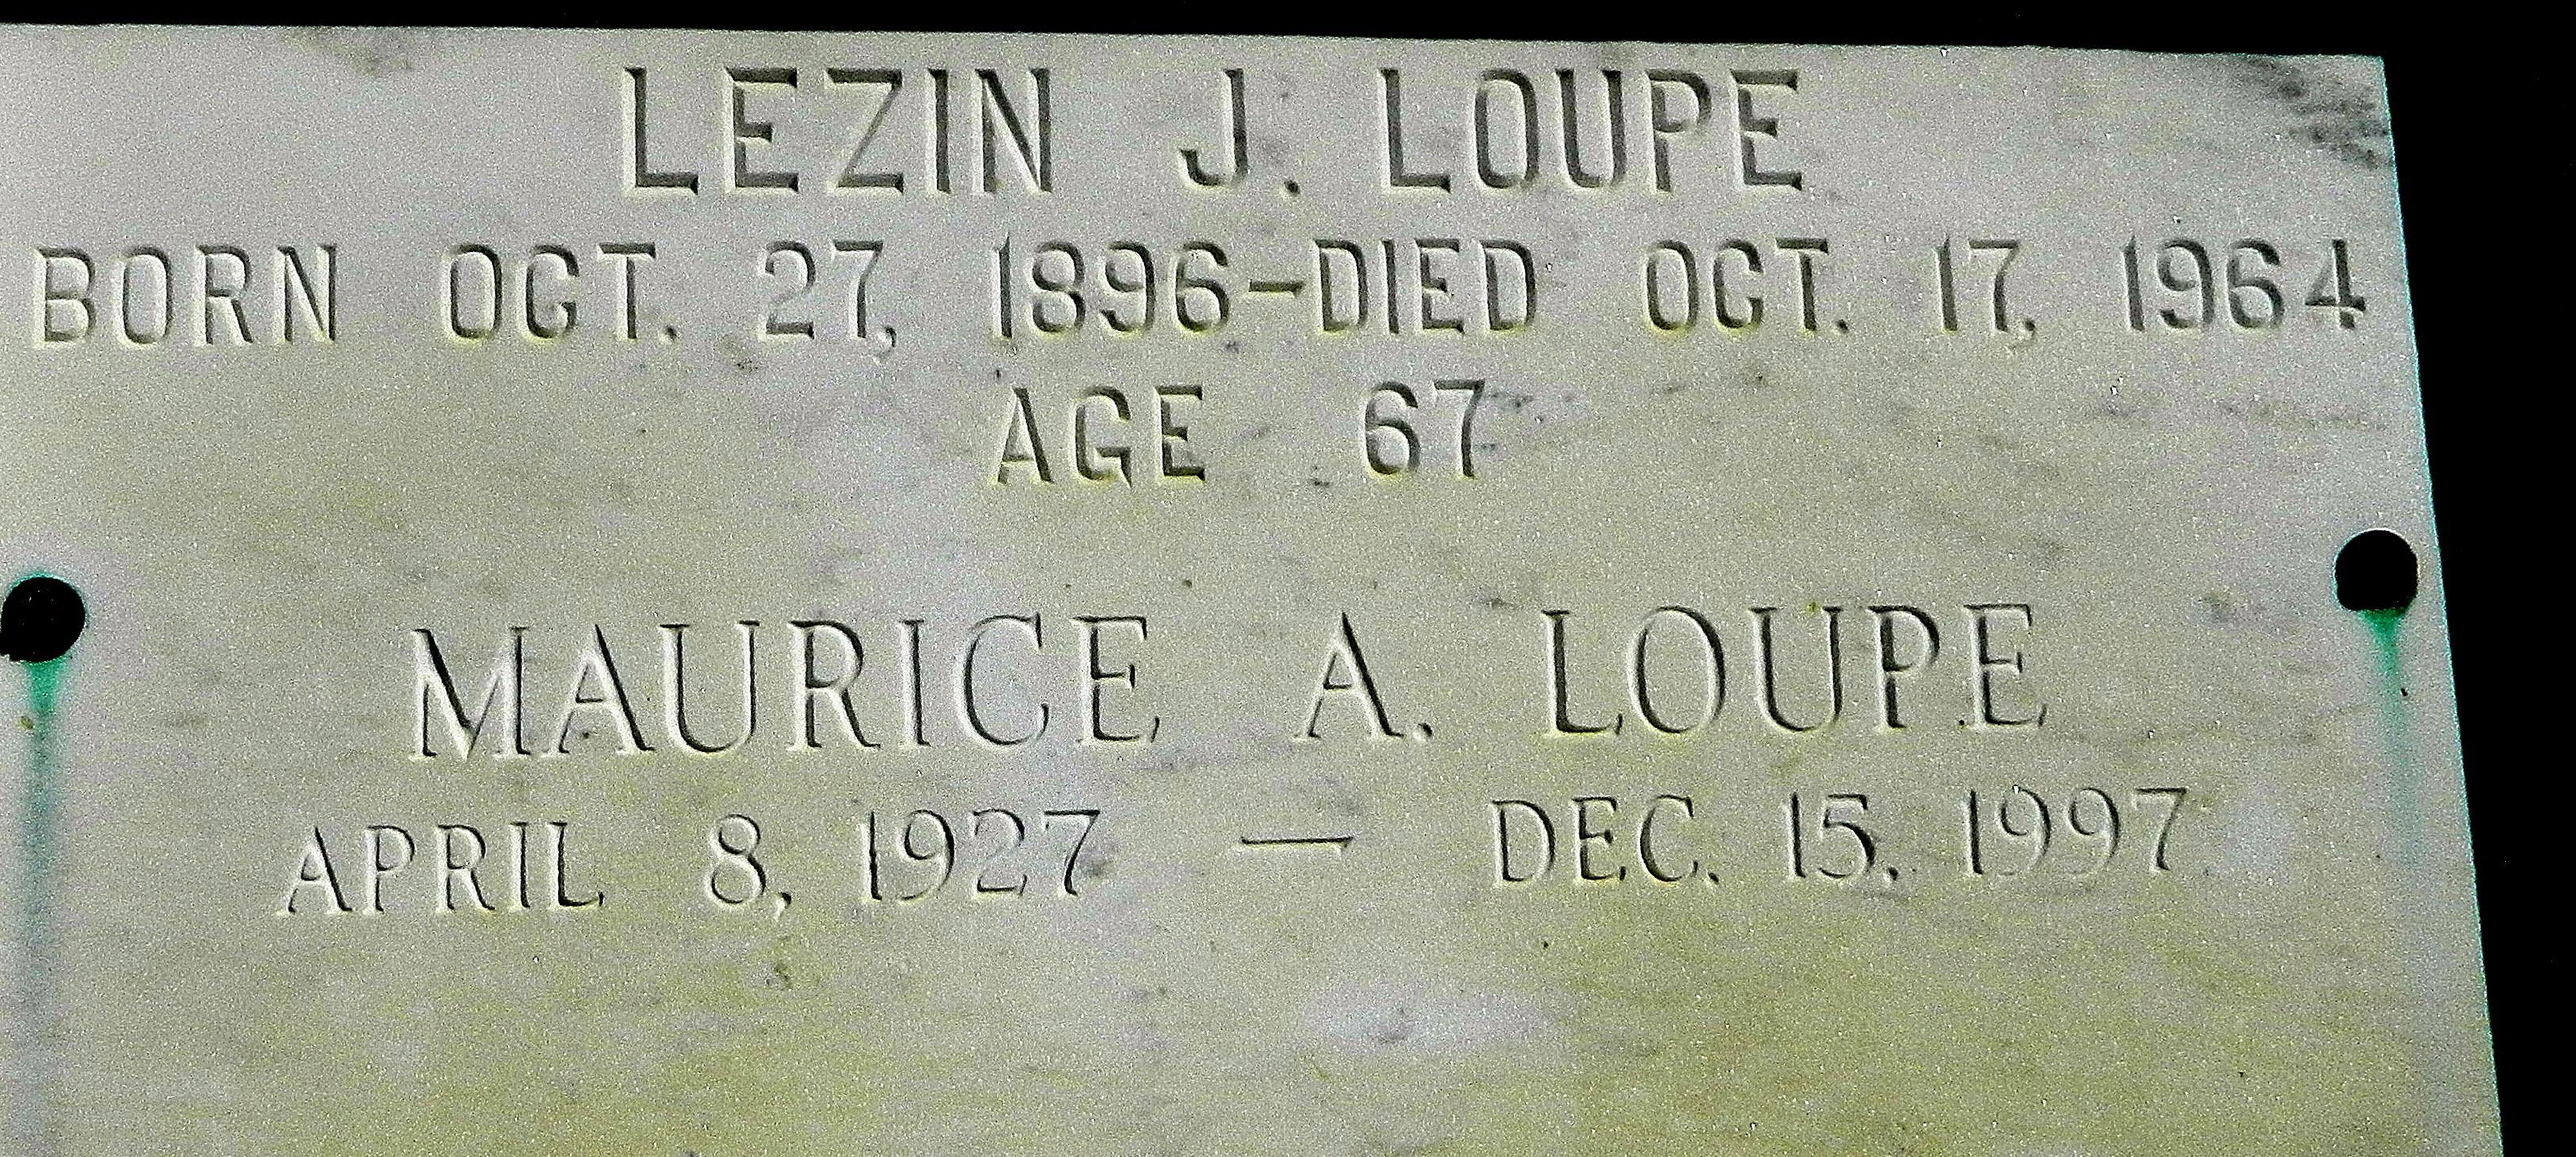 Lezin Joseph Loupe